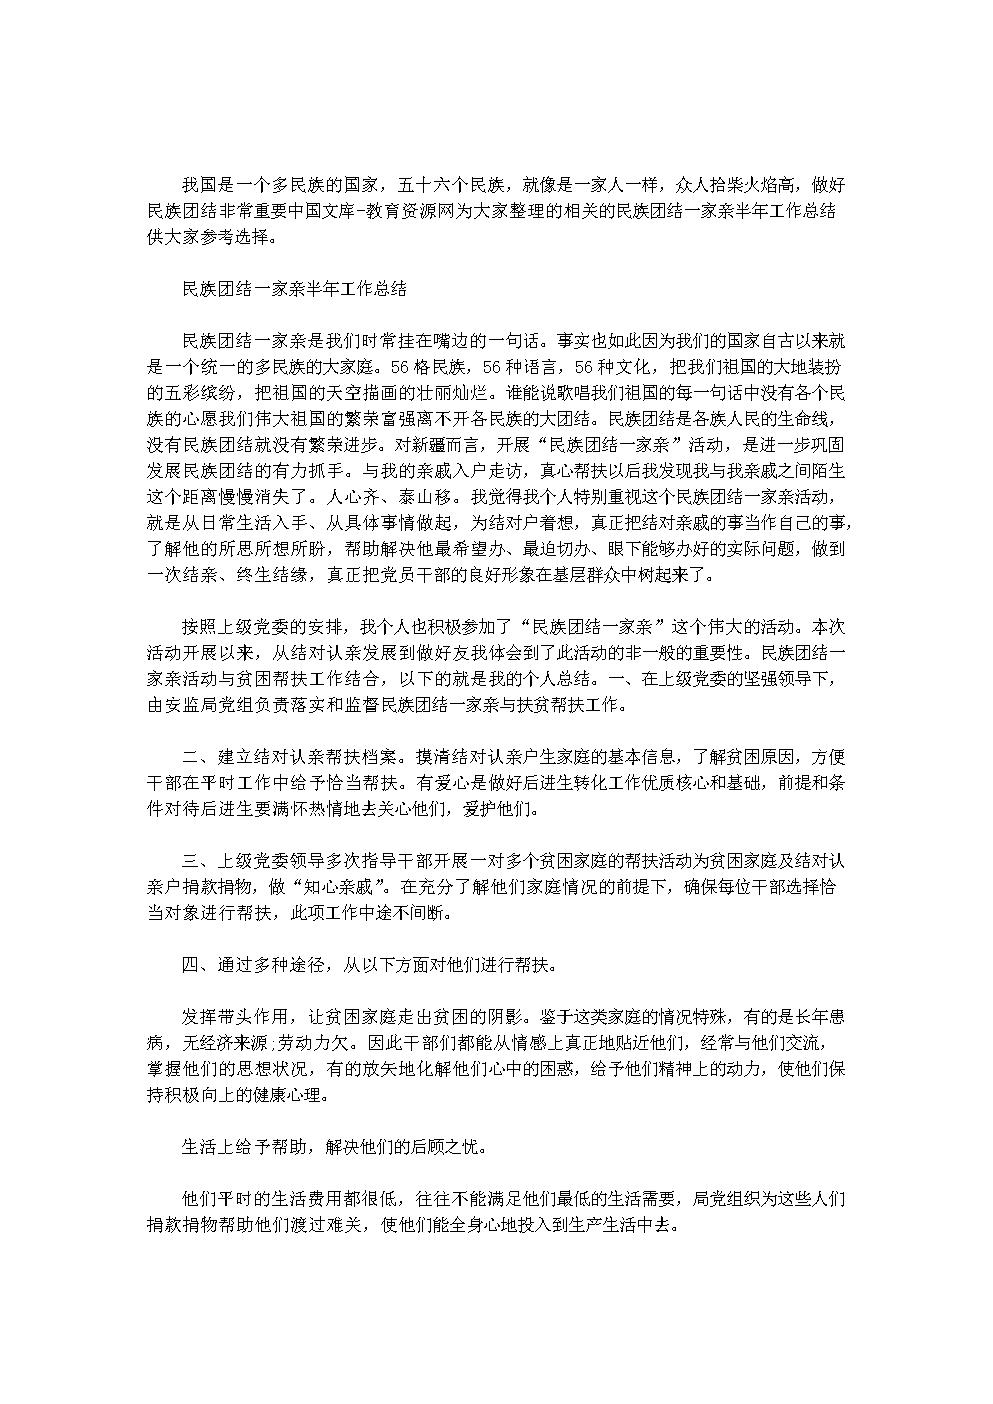 民族团结一家亲半年工作总结范文.doc